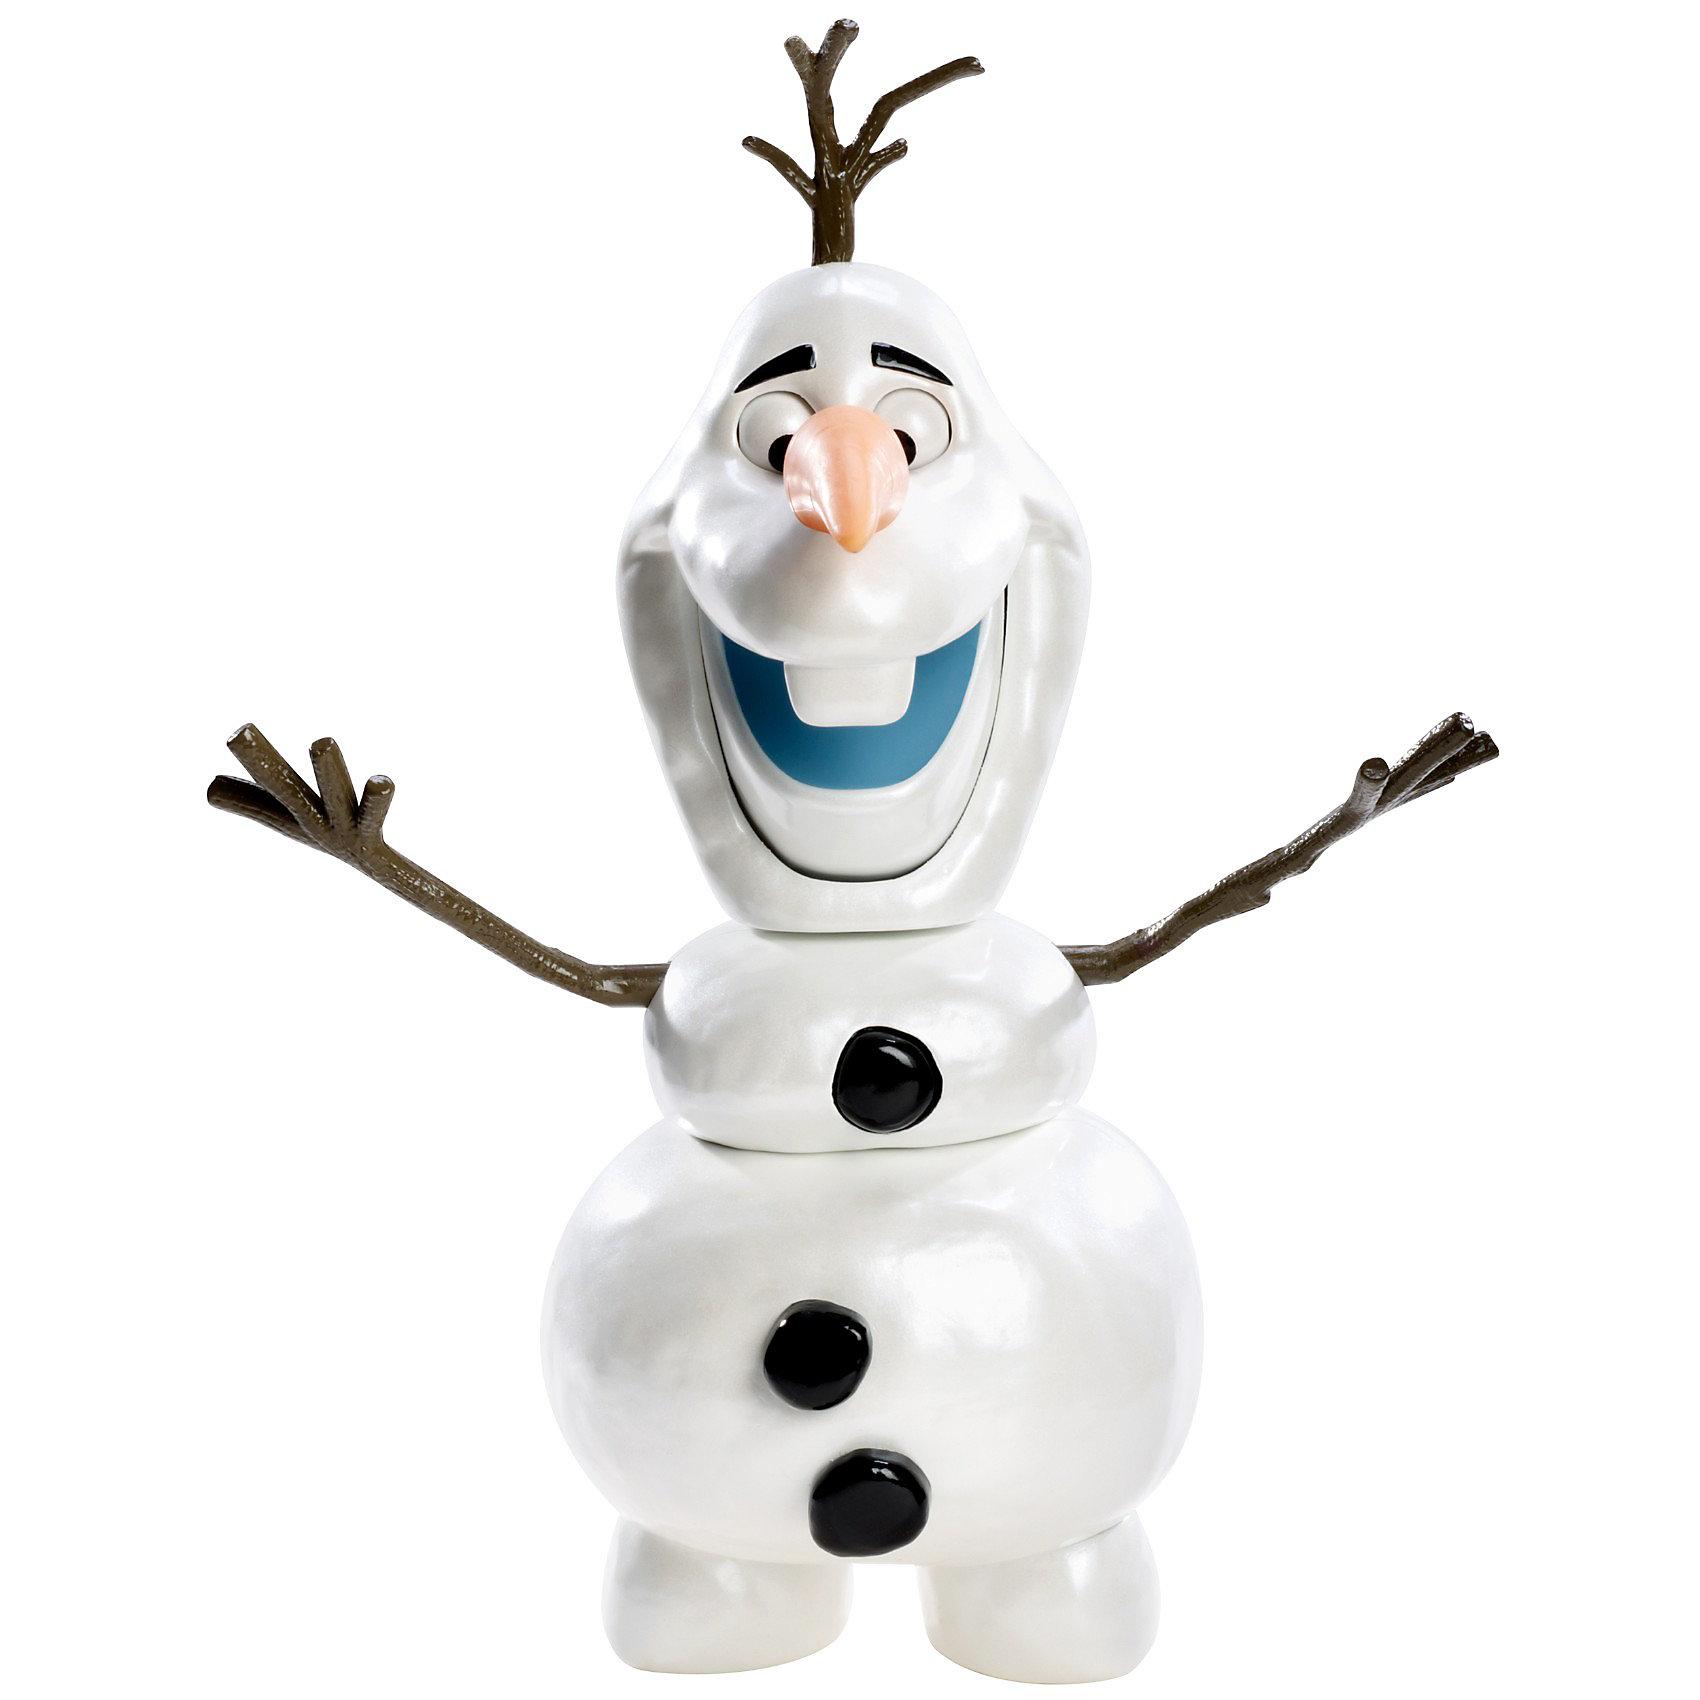 Игрушка Снеговик Олаф, Холодное сердцеПопулярные игрушки<br>Disney Princess. Кукла снеговик Олаф из м/ф Холодное сердце 20,5 x 8,5 x 23 см<br><br>Ширина мм: 233<br>Глубина мм: 207<br>Высота мм: 89<br>Вес г: 242<br>Возраст от месяцев: 36<br>Возраст до месяцев: 72<br>Пол: Женский<br>Возраст: Детский<br>SKU: 3399218